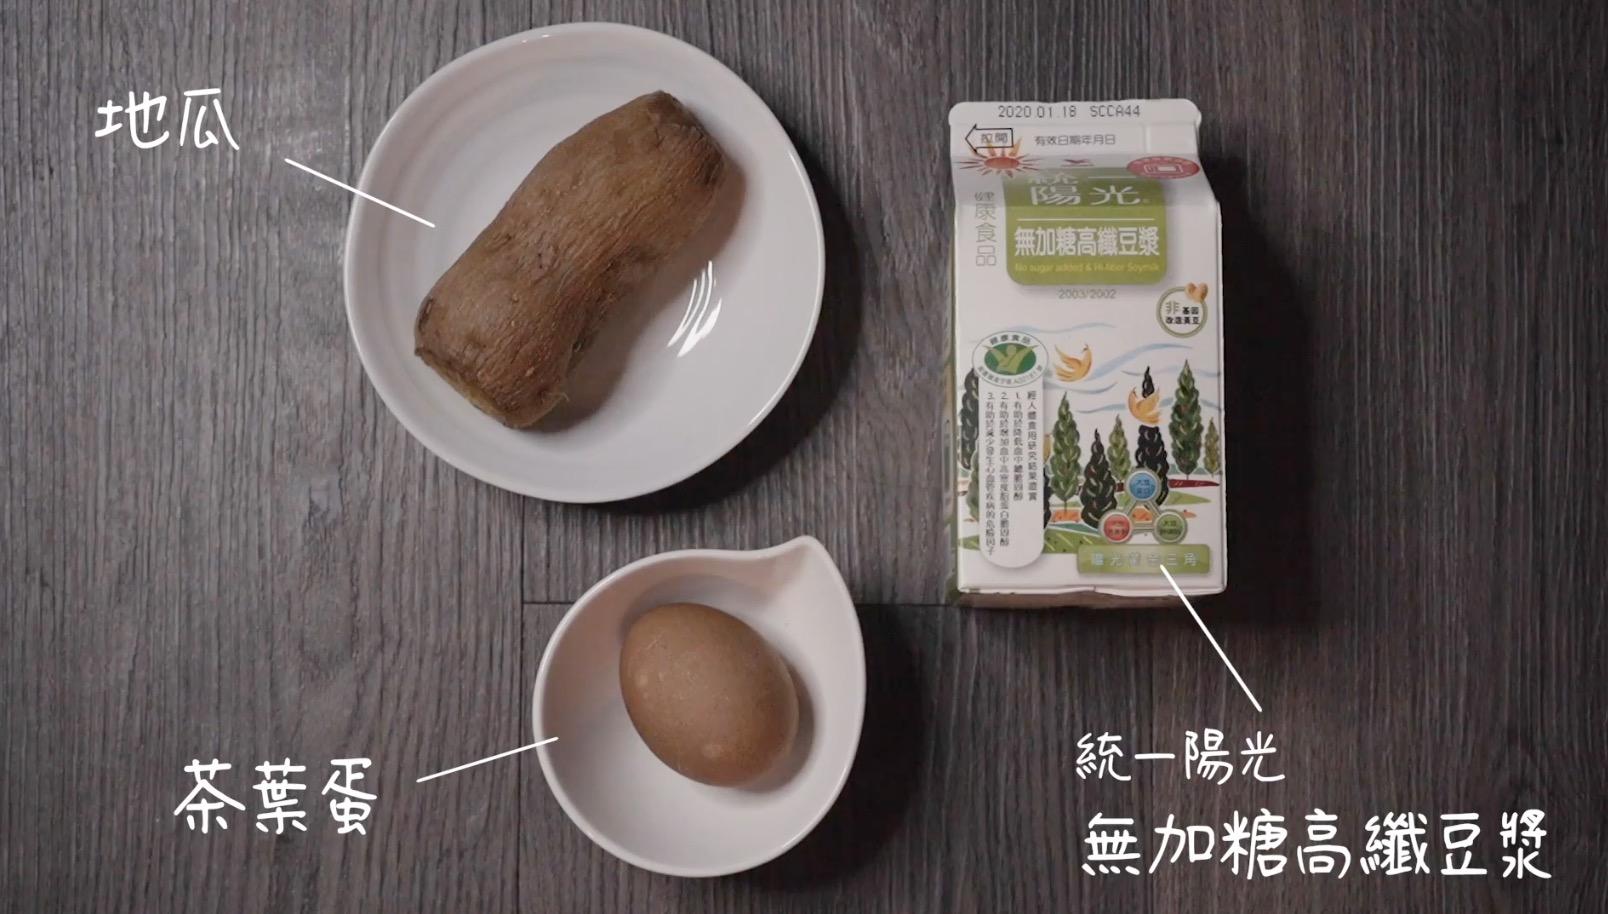 外食族最夯的纖女早餐!搭配組合:超商地瓜、茶葉蛋、無糖高纖豆漿